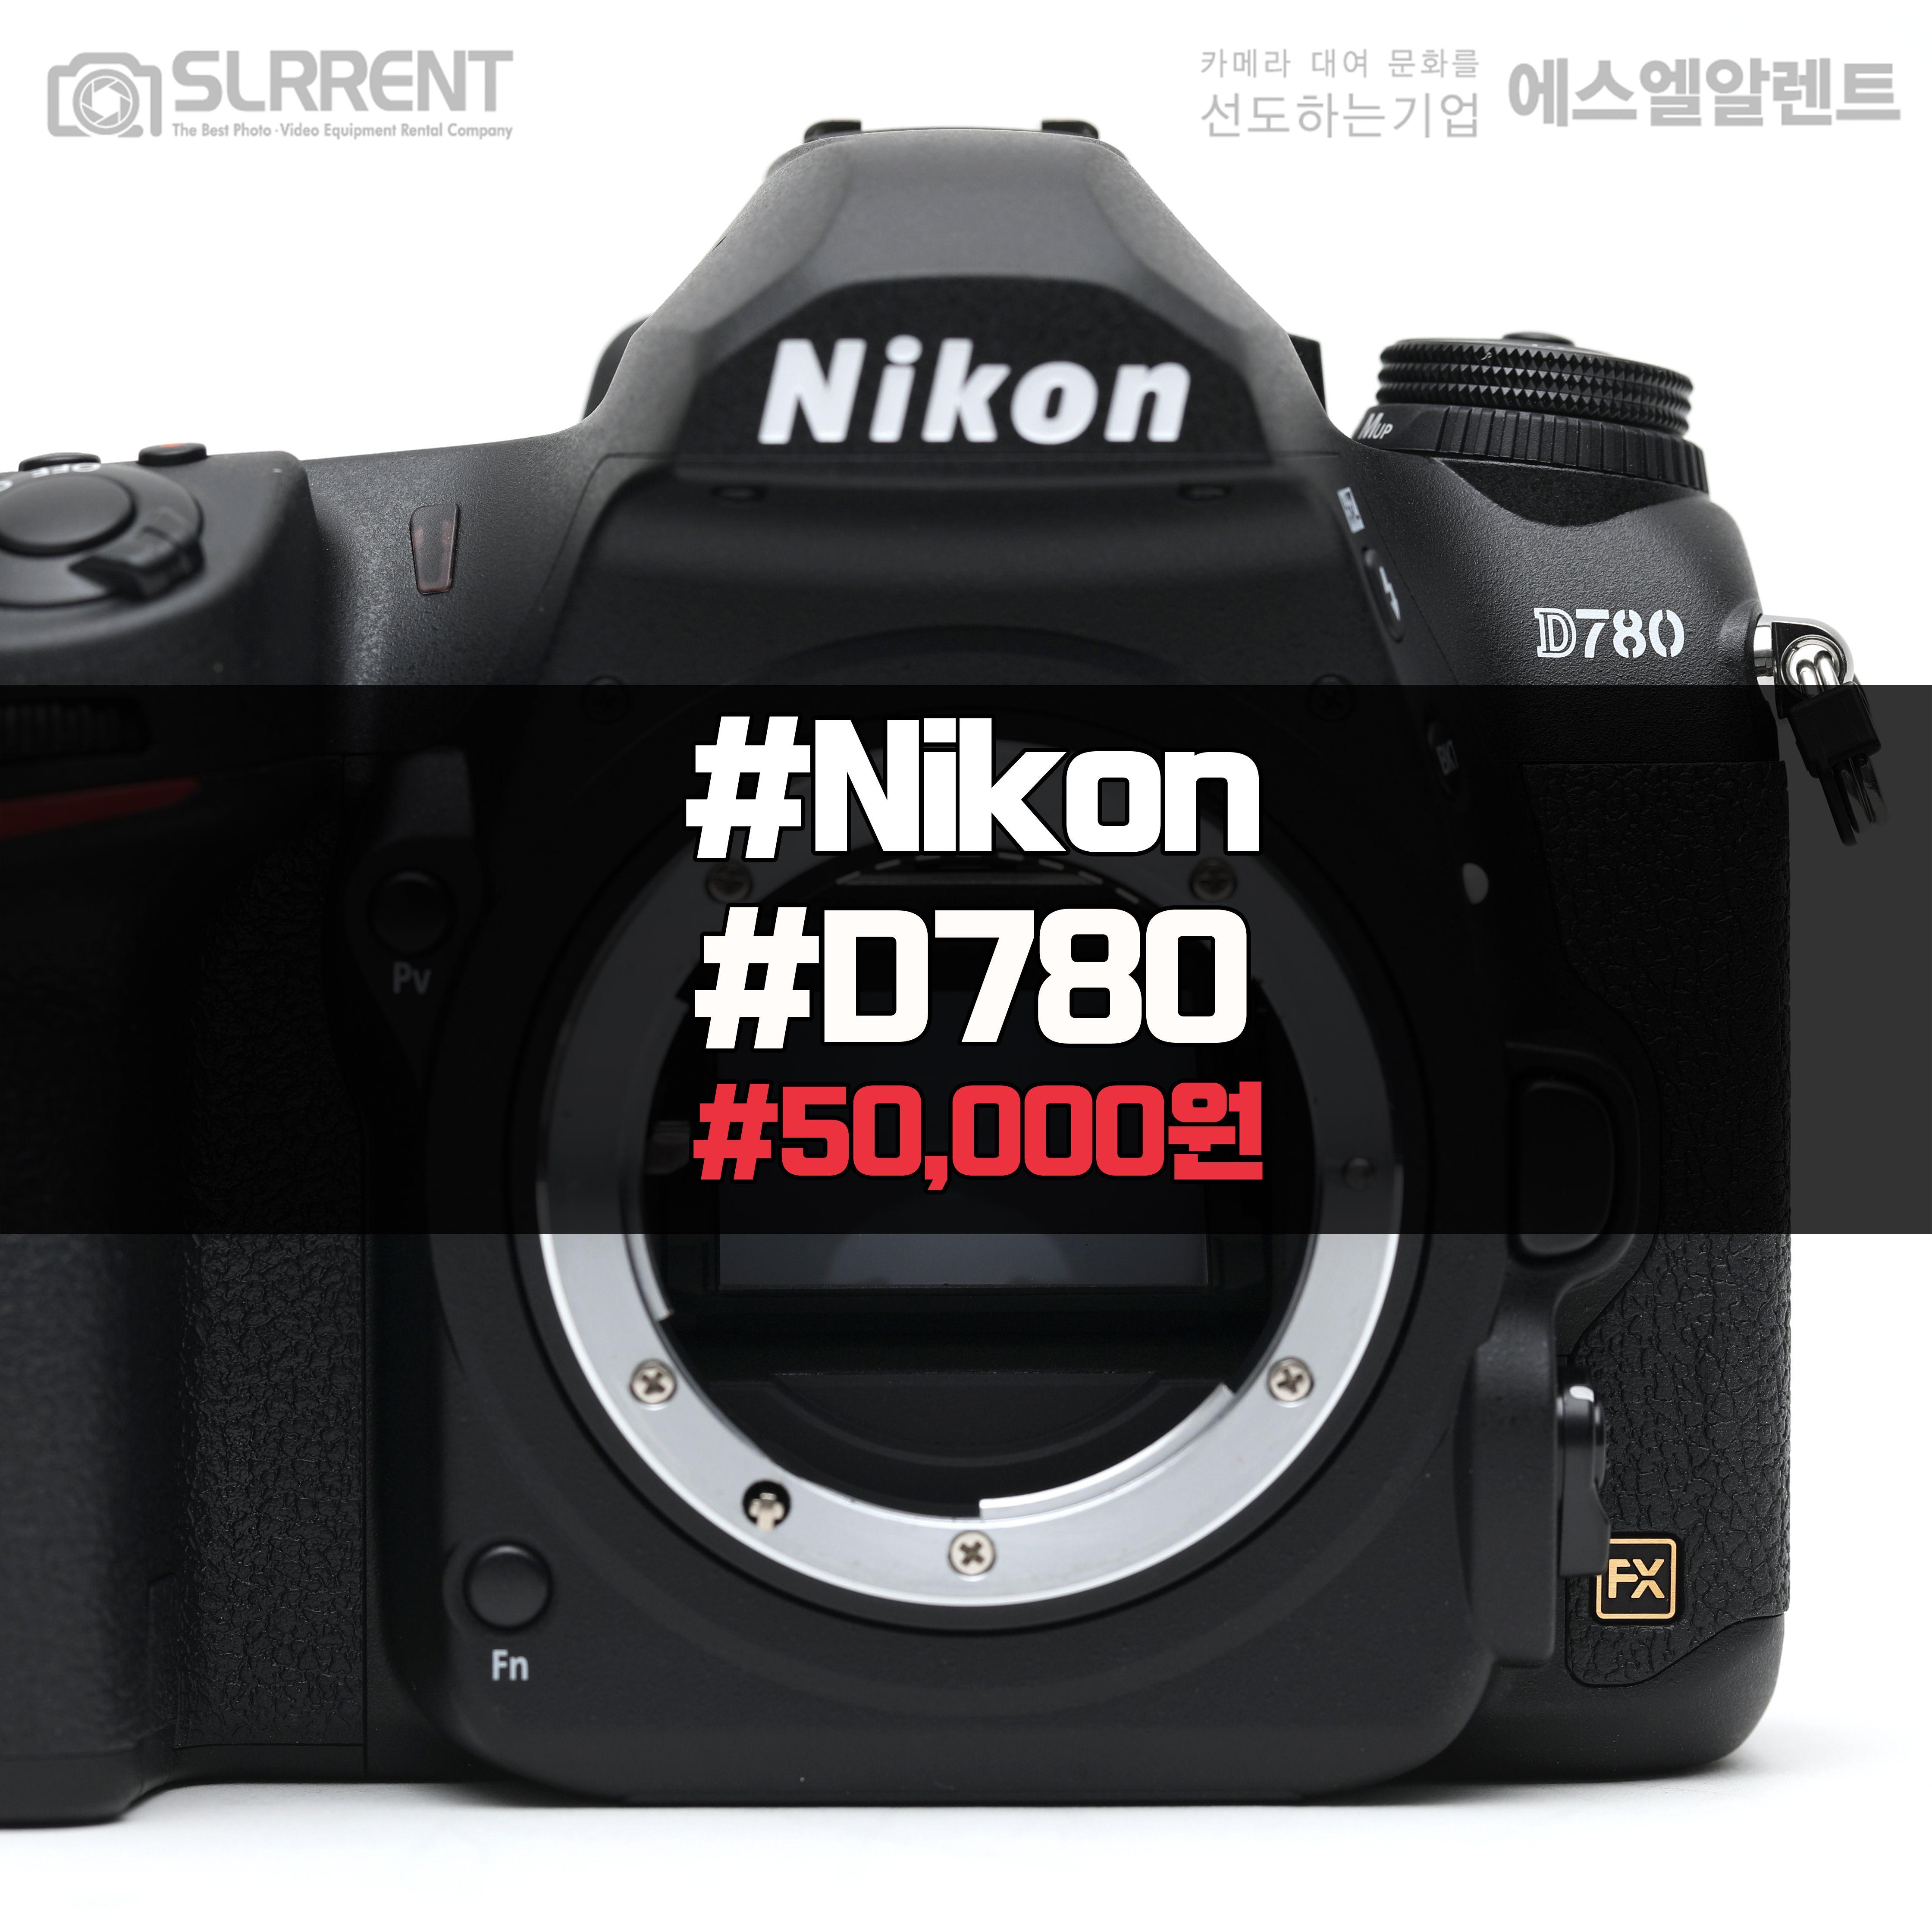 ✔ 에스엘알렌트 Nikon D780 !!  고품질의 사진과 동영상을 위한 선택! 니콘 D780을 지금 바로 만나보세요.  ✔ 니콘 카메라대여는 역시 에스엘알렌트  ✔ Nikon D780  24시간 50,000원 / 12시간 35,000원  ✔ 지금 바로 대여 가능!!!  항상 더 좋은 제품과 서비스 합리적인 렌탈 가격으로 보답하는  에스엘알렌트가 되겠습니다.  감사합니다.  www.SLRRENT.com  #니콘 #카메라 #니콘D780 #4K카메라 #Nikon #Camera #NikonD780 #DSLR  #카메라대여 #문화를_선도하는_기업  #에스엘알렌트  #카메라렌탈 #SLR렌트 #SLRRENT.com #16002470